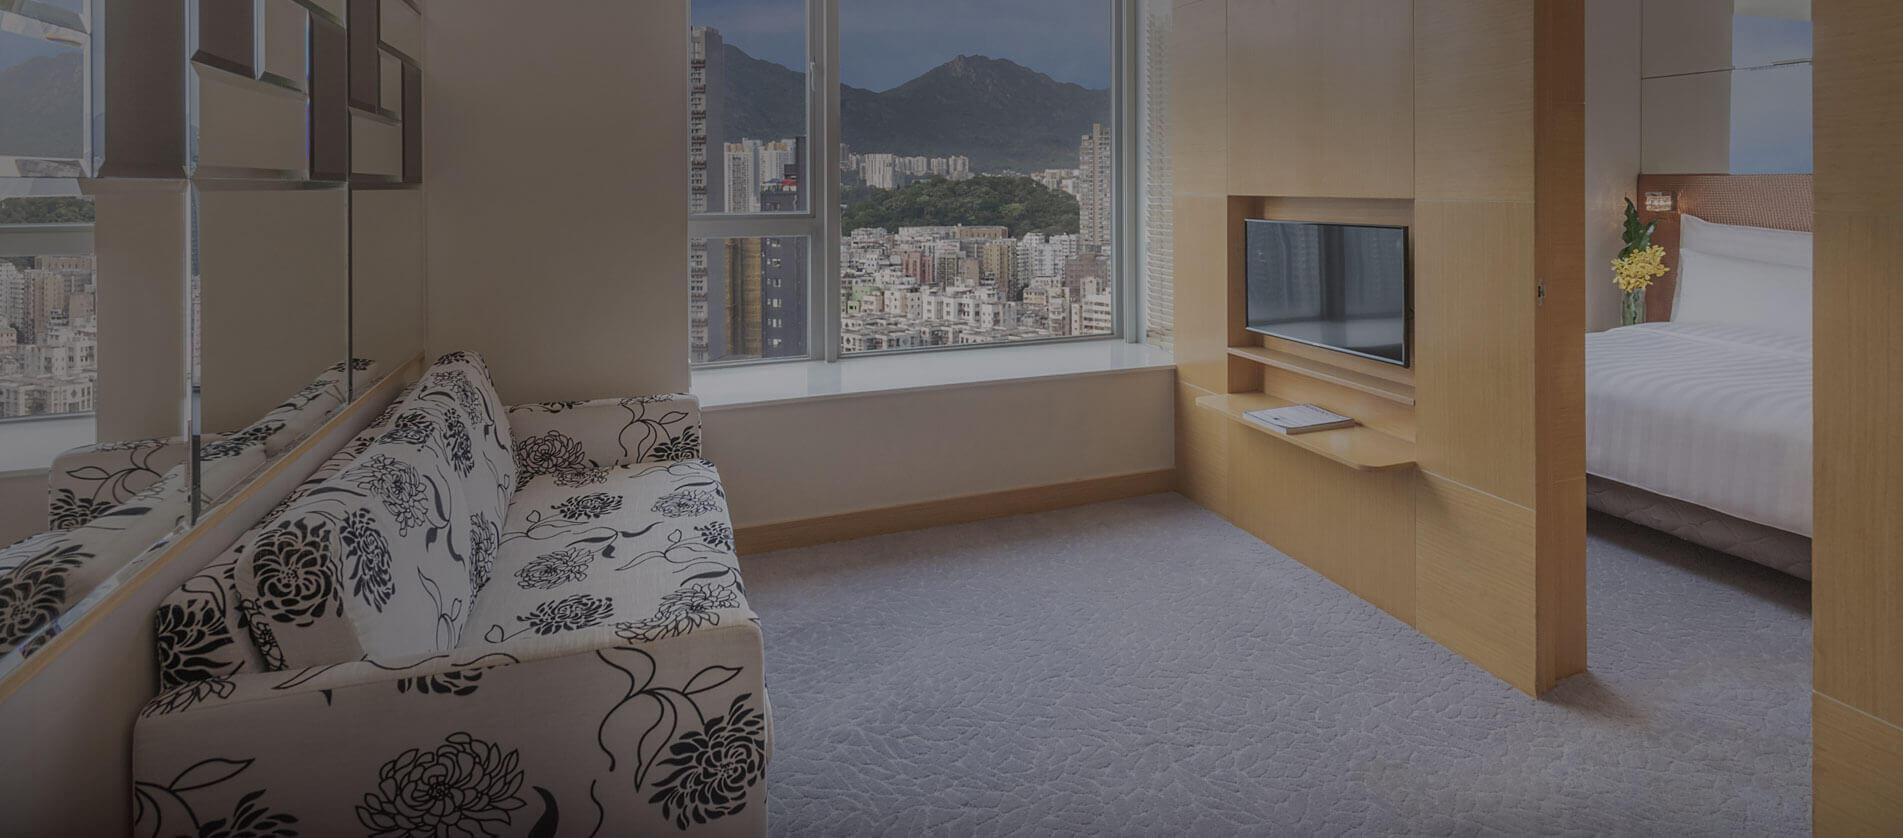 香港旺角帝盛酒店 - 完整26小时住宿体验